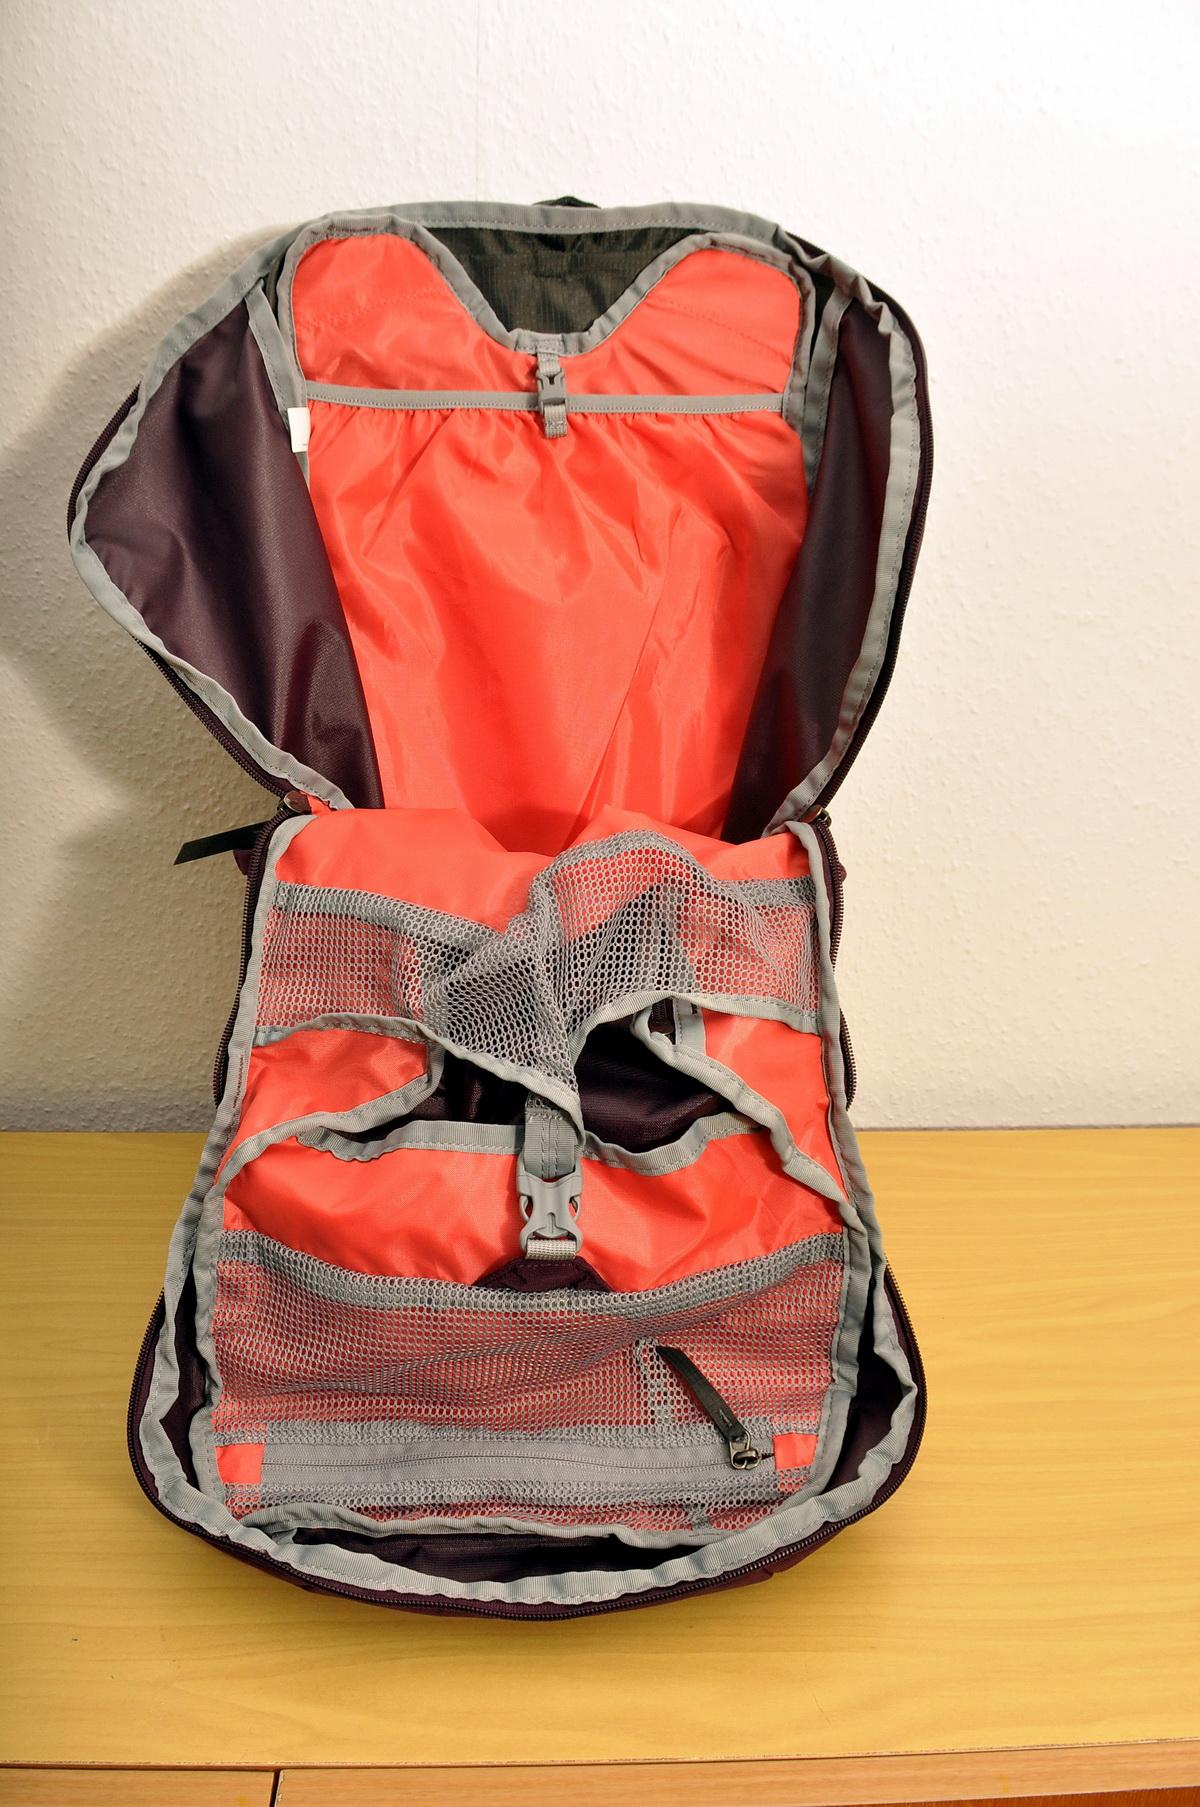 Szinte ketté nyílik a hátizsák a cipzárakat széthúzva Forrás: Mozgásvilág - Paraferee